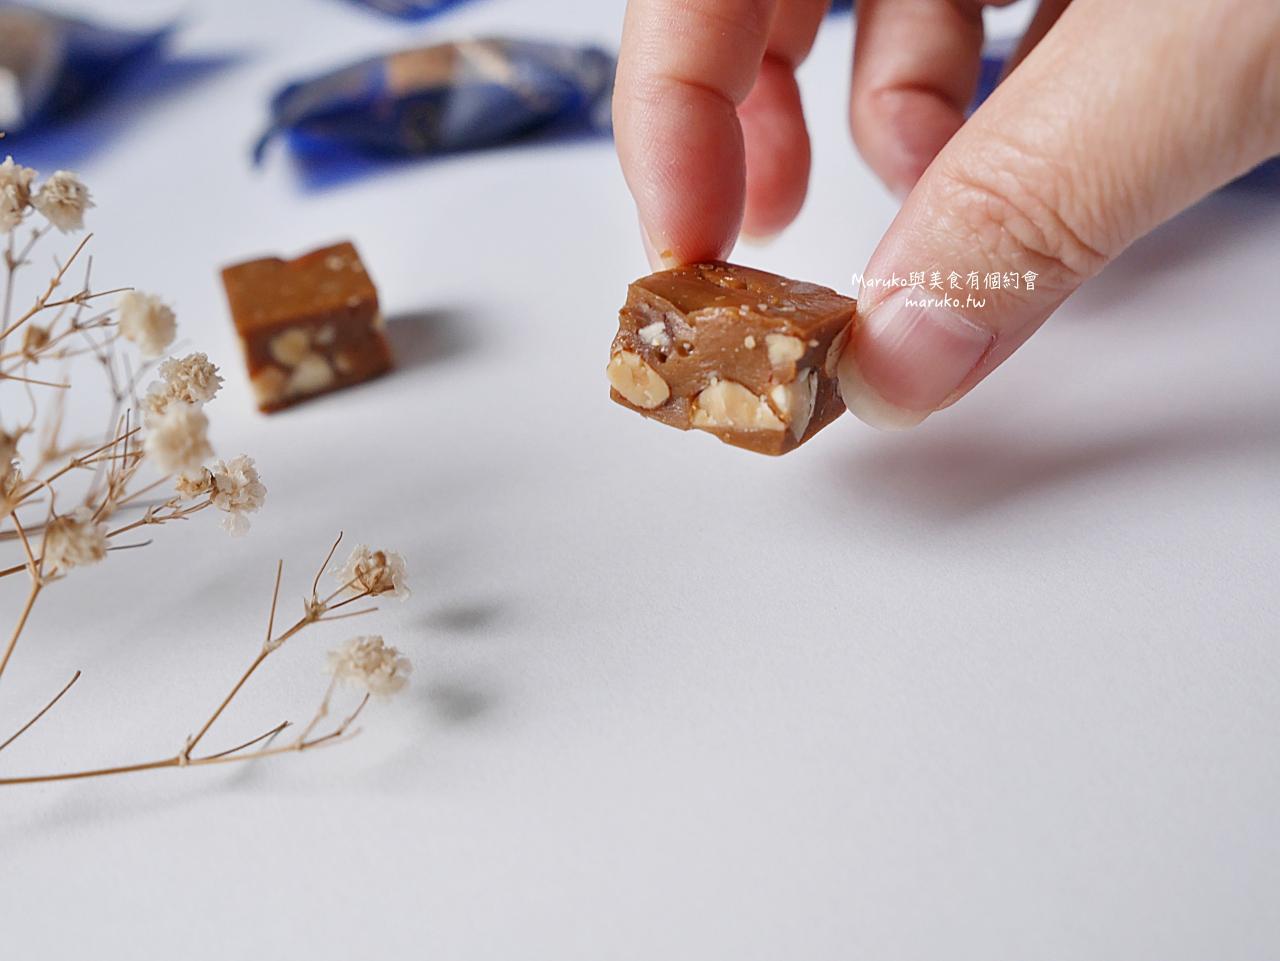 台北 上信饌玉 連續二年獲得食品界米其林風味絕佳獎堅果點心 伴手禮推薦 @Maruko與美食有個約會